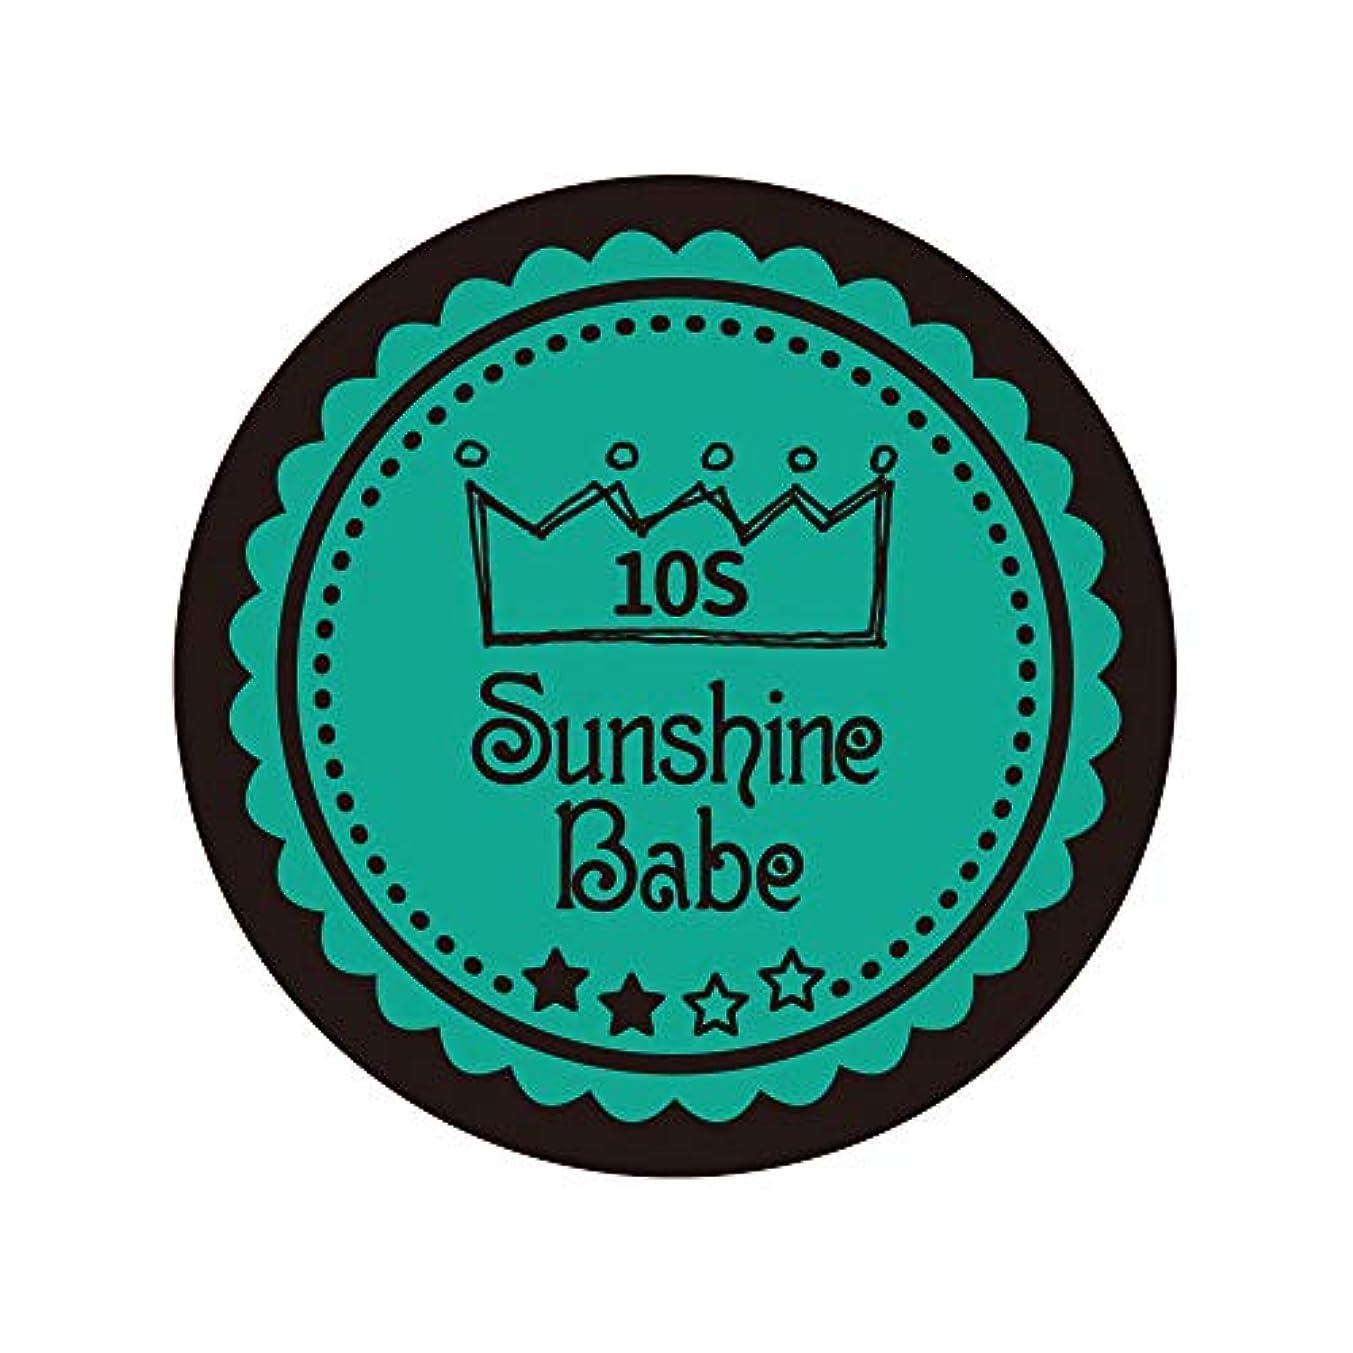 チェス説得力のある複合Sunshine Babe カラージェル 10S アルカディア 2.7g UV/LED対応